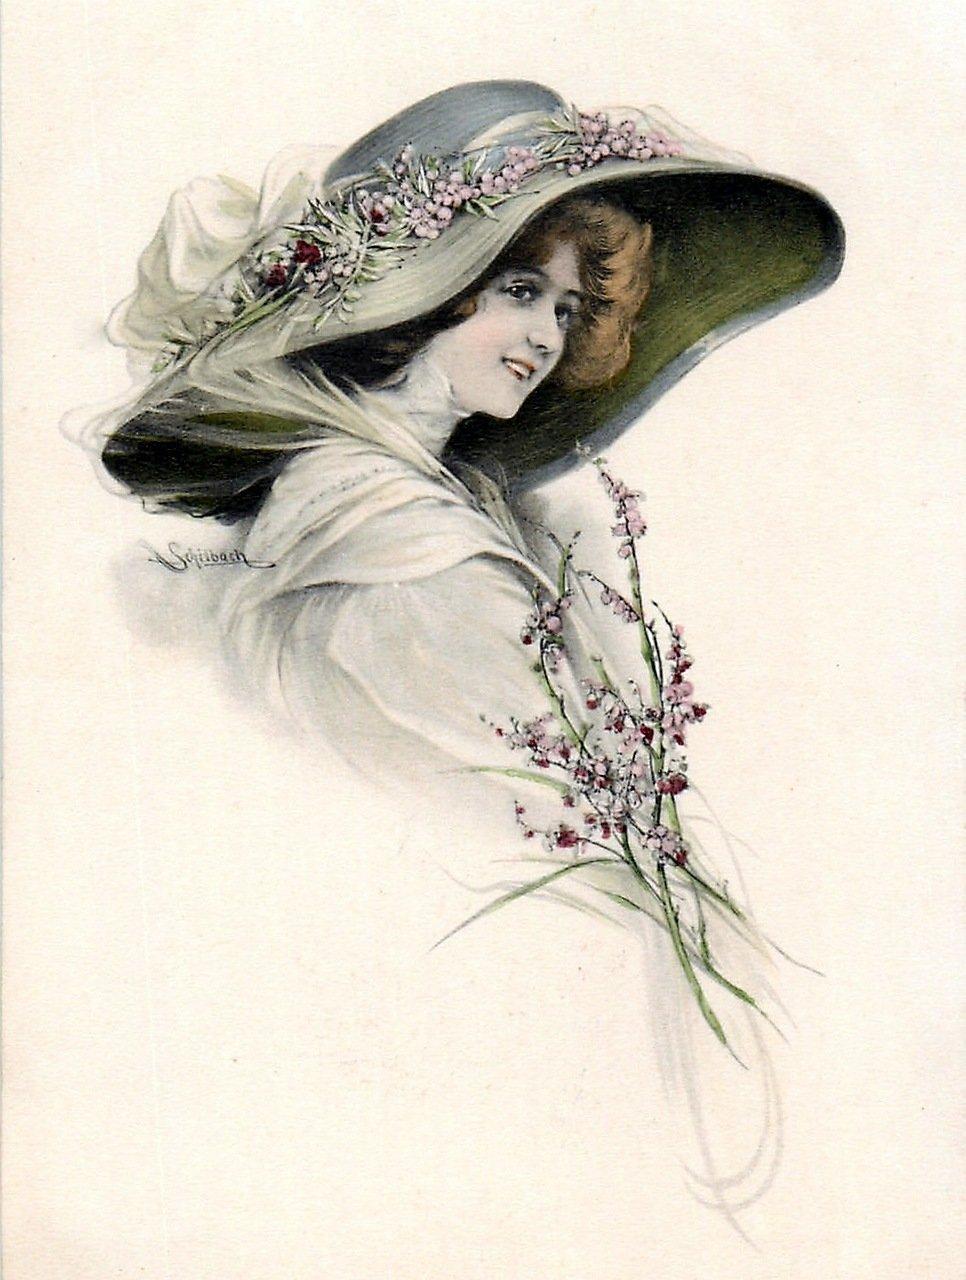 Рисованные открытки для женщин, открытку стиле